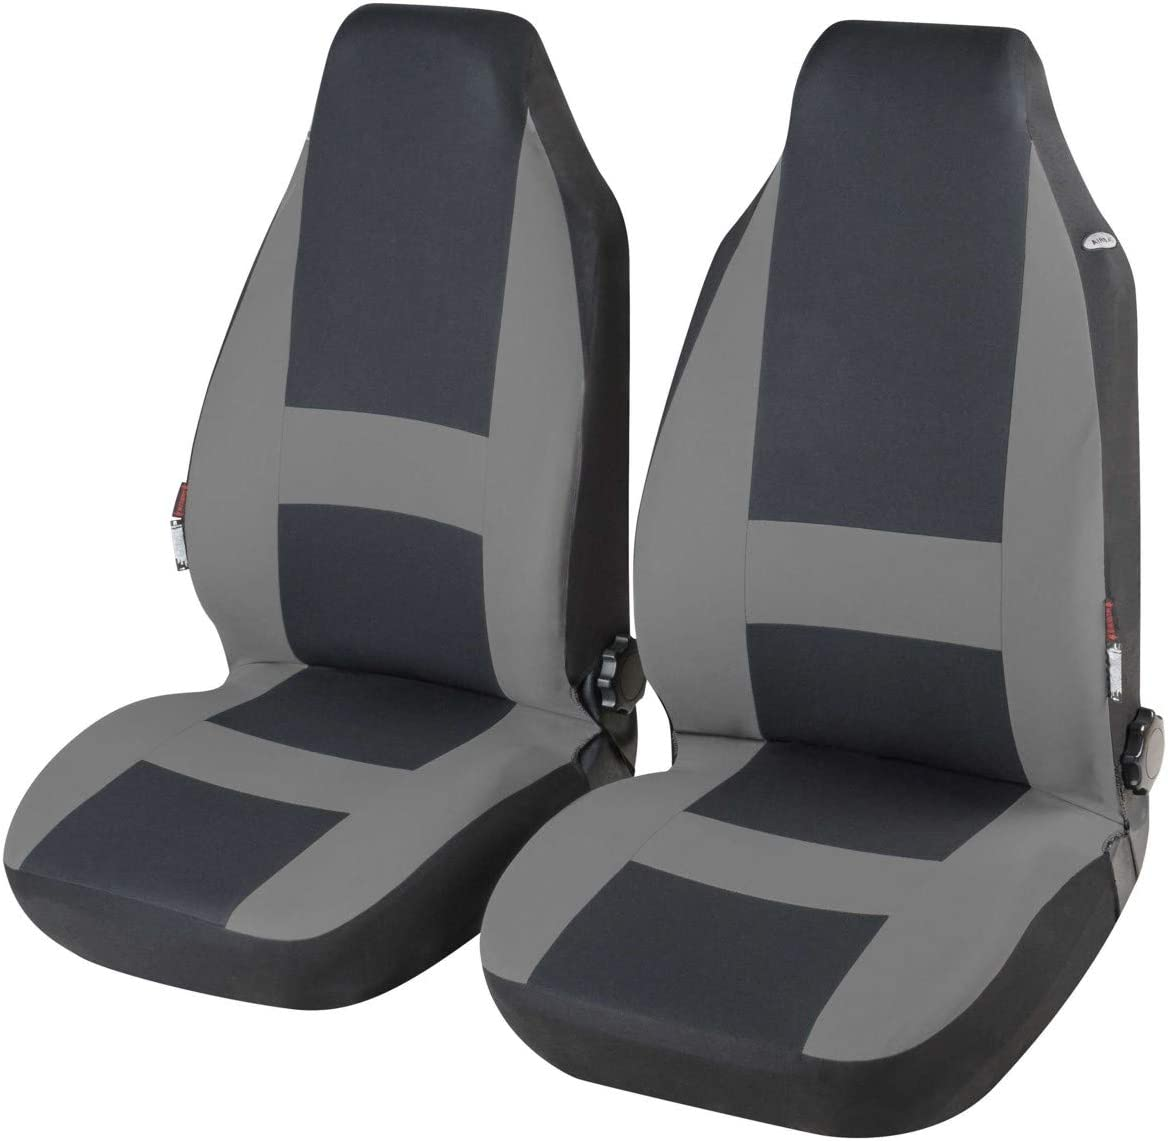 CarComfort modische Universal Polyester Highback KFZ Schonbez/üge Pocatello grau waschbar Highback Bezug 2 Vordersitze